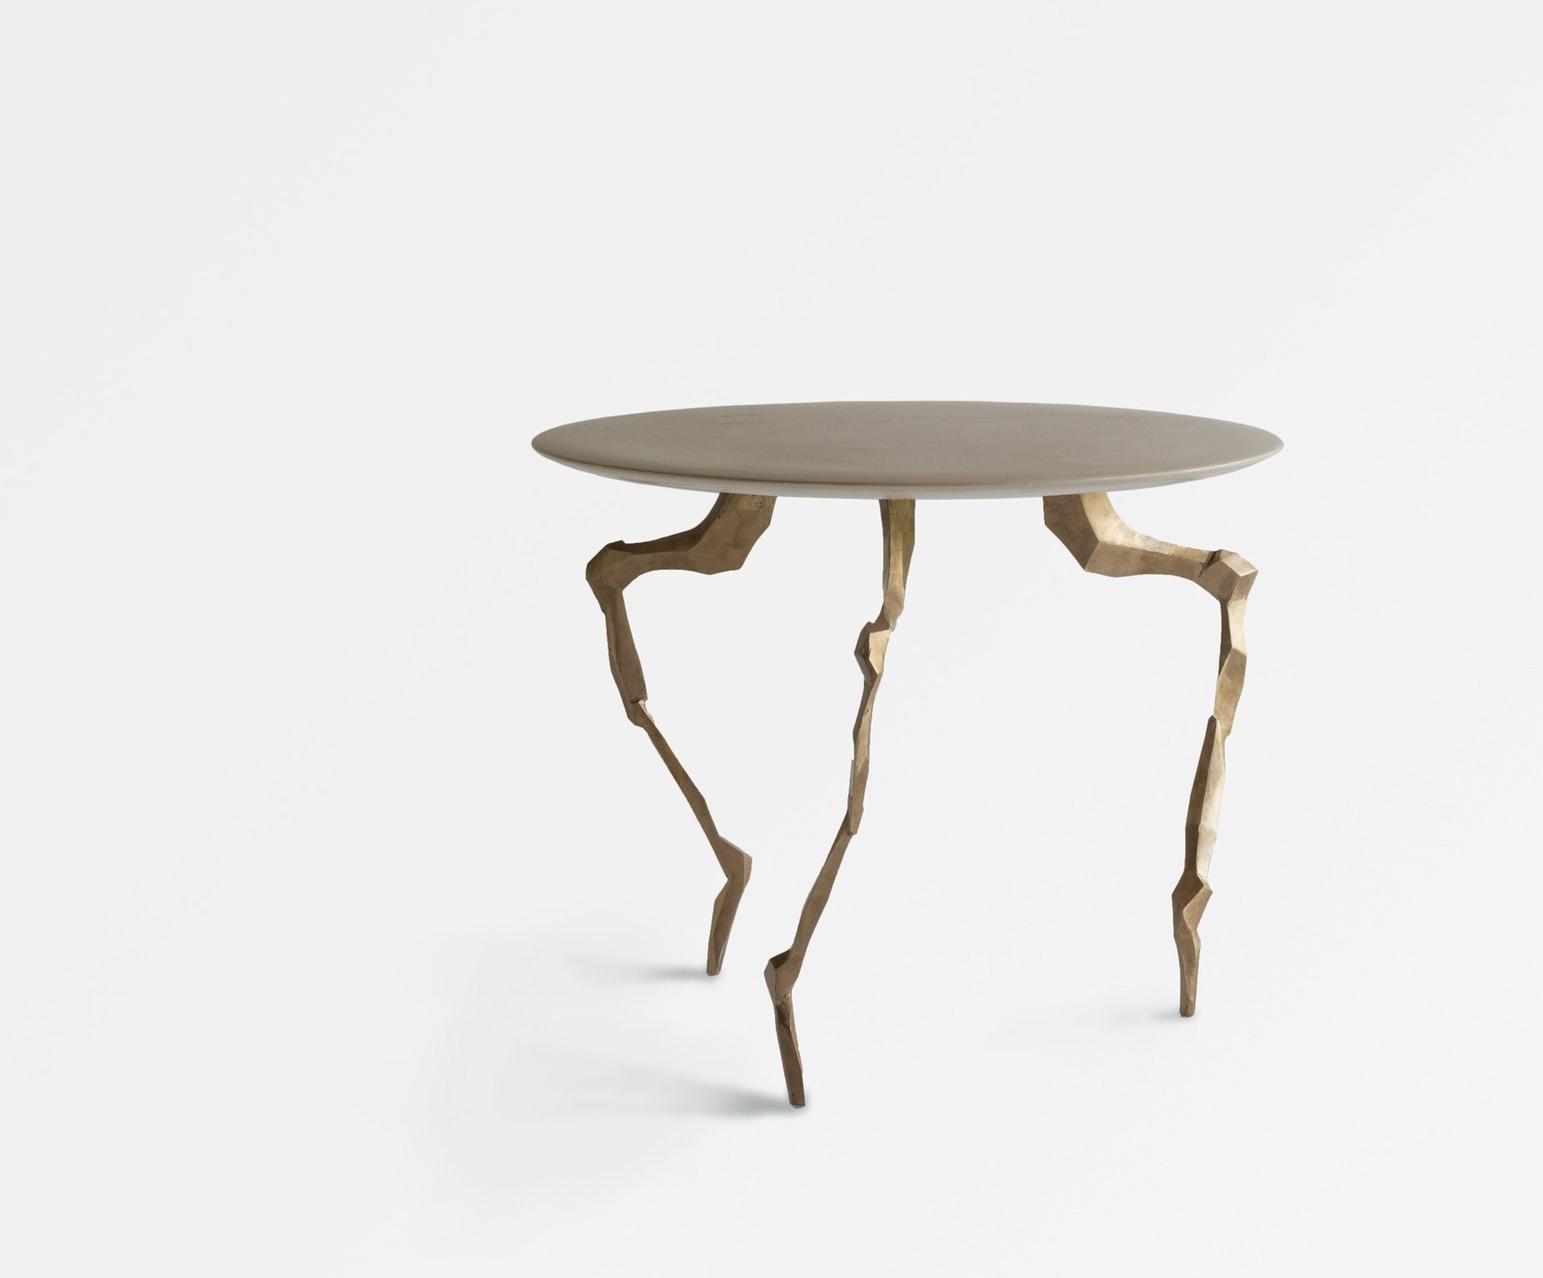 Home-4-JAK-Creature-Tables-retouch-041-071-June-2018.jpg